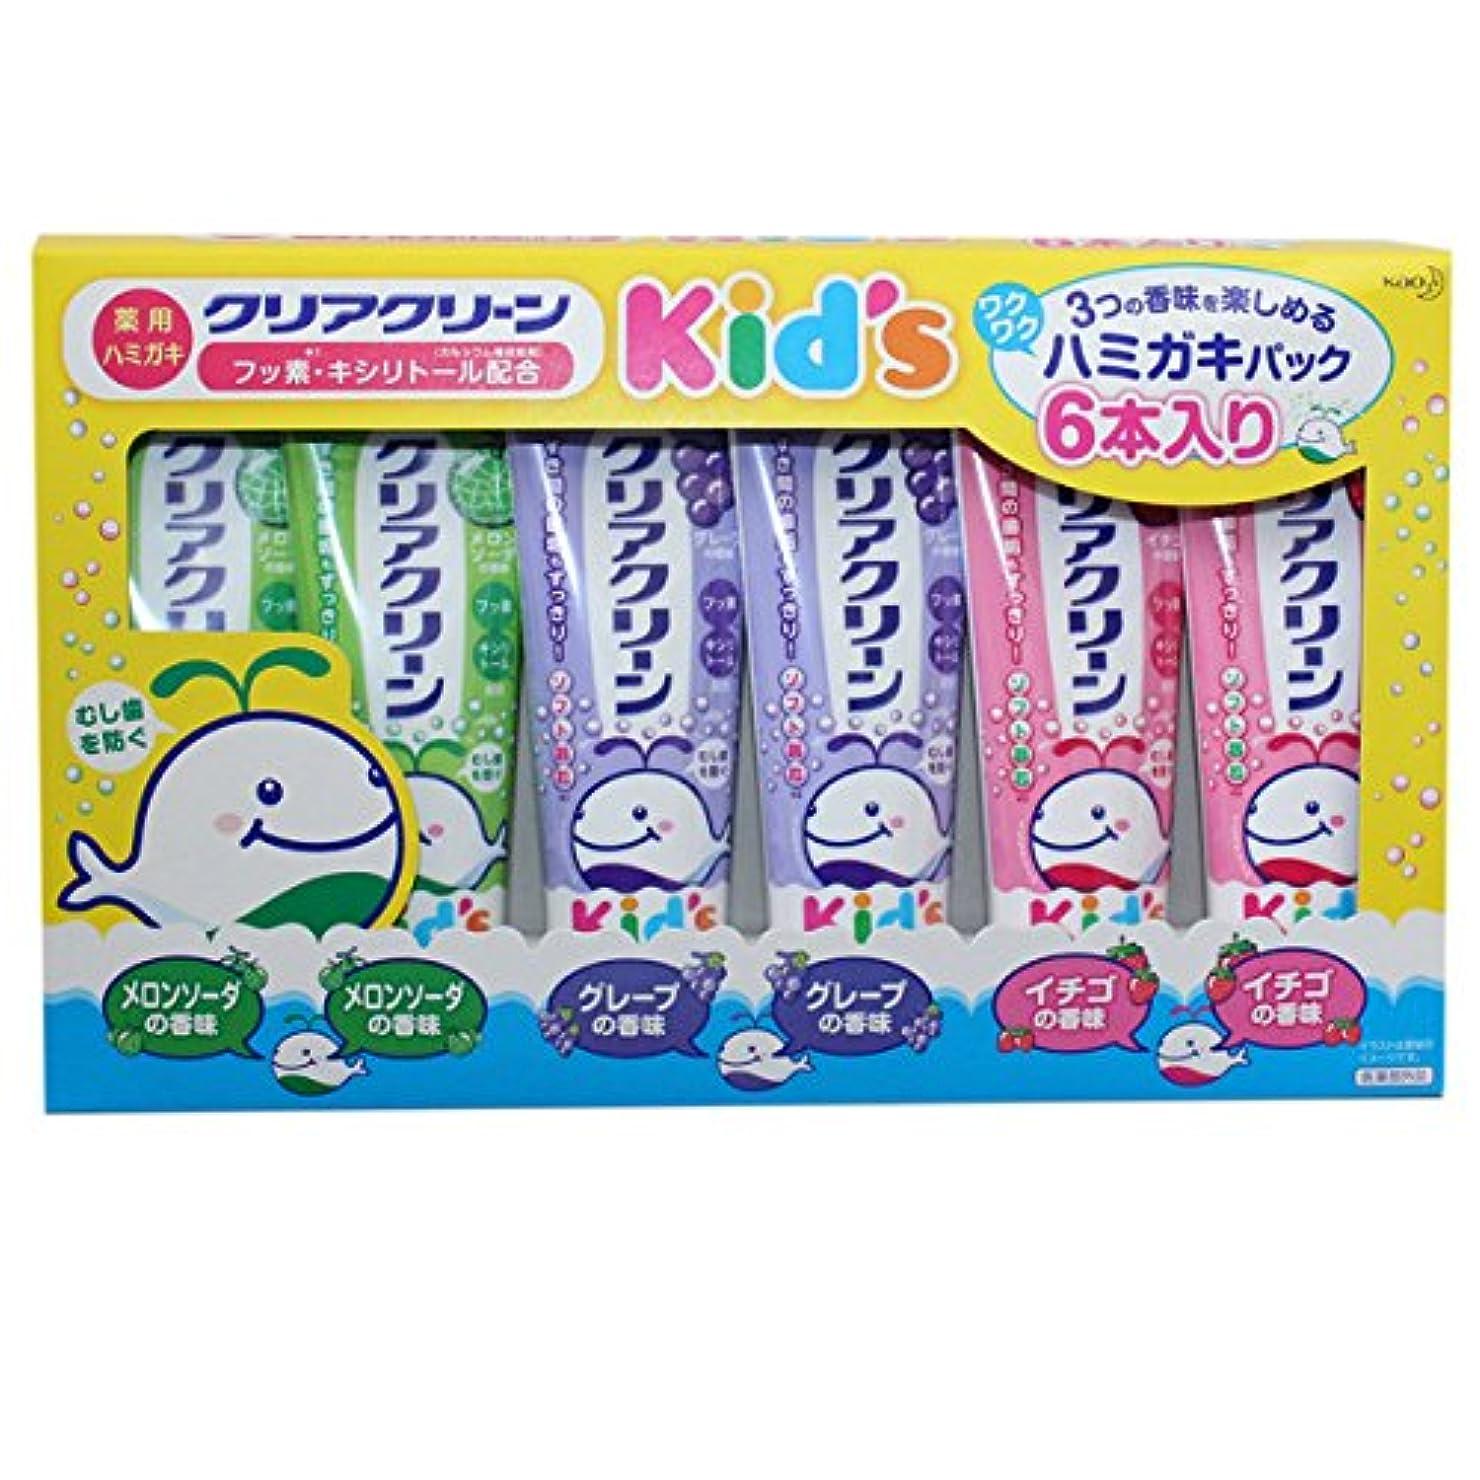 一致する無人説得力のあるクリアクリーン kids 70gx6本セット 3つの香味を楽しめる(メロンソーダ/グレープ/イチゴ) 子供用歯磨き粉